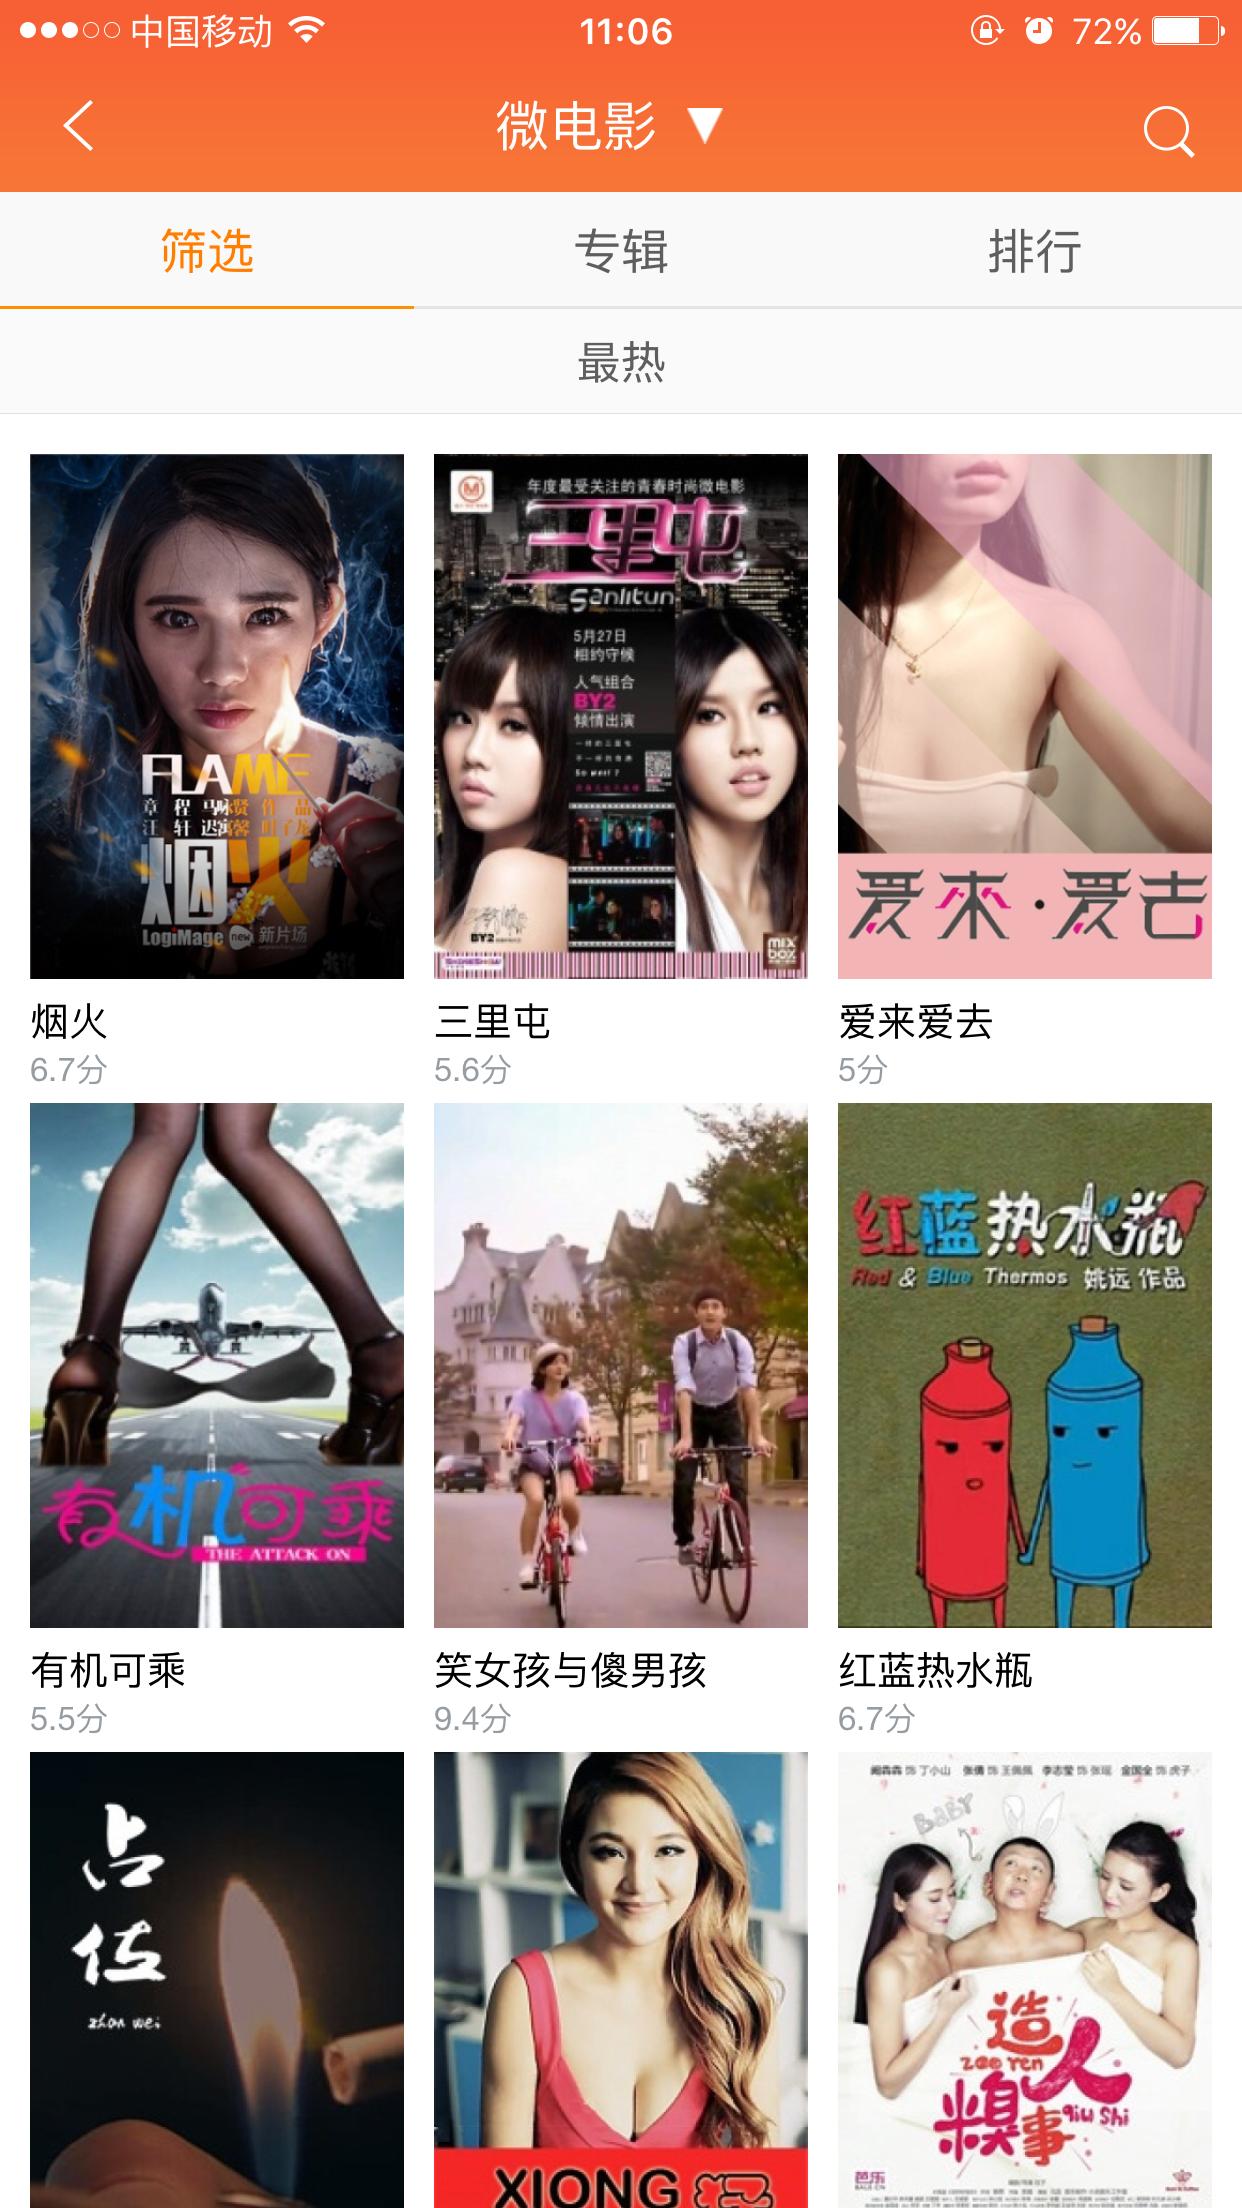 风行app微电影 烟火